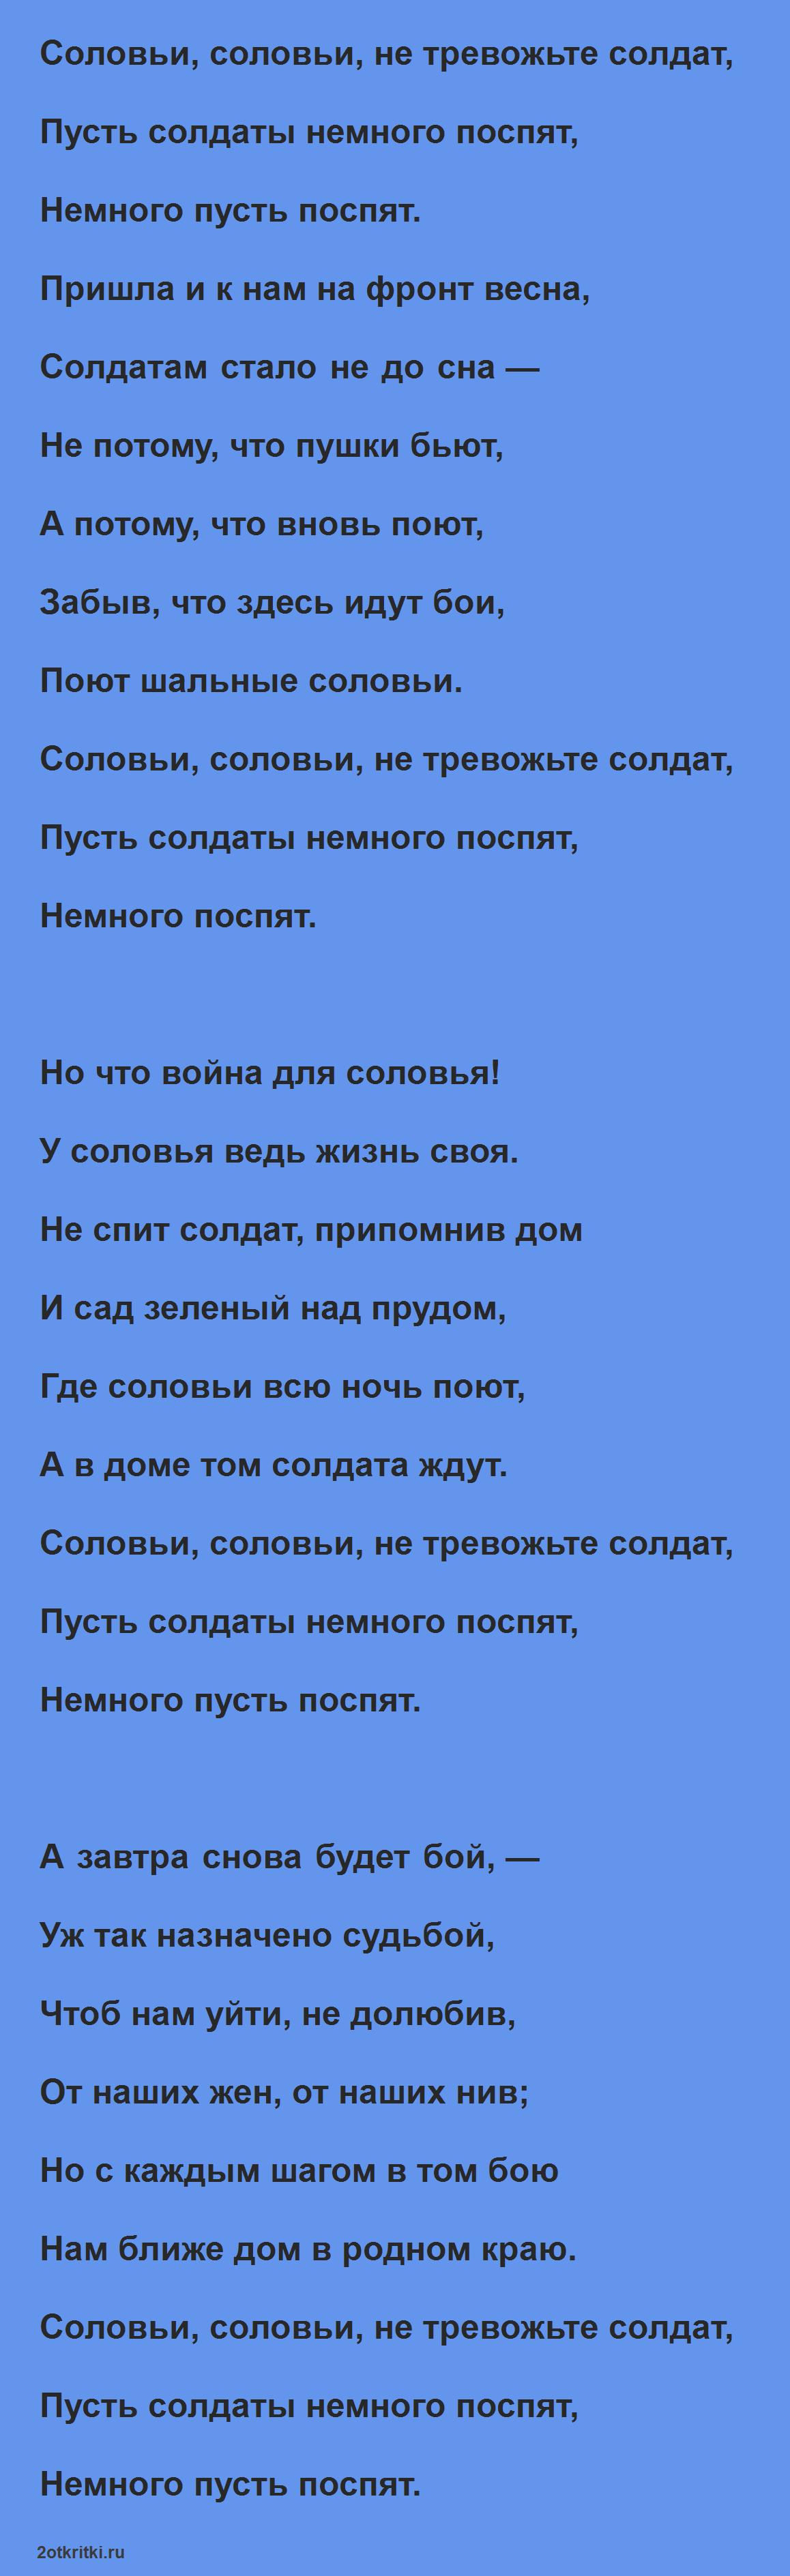 Военные песни на 9 мая - Соловьи